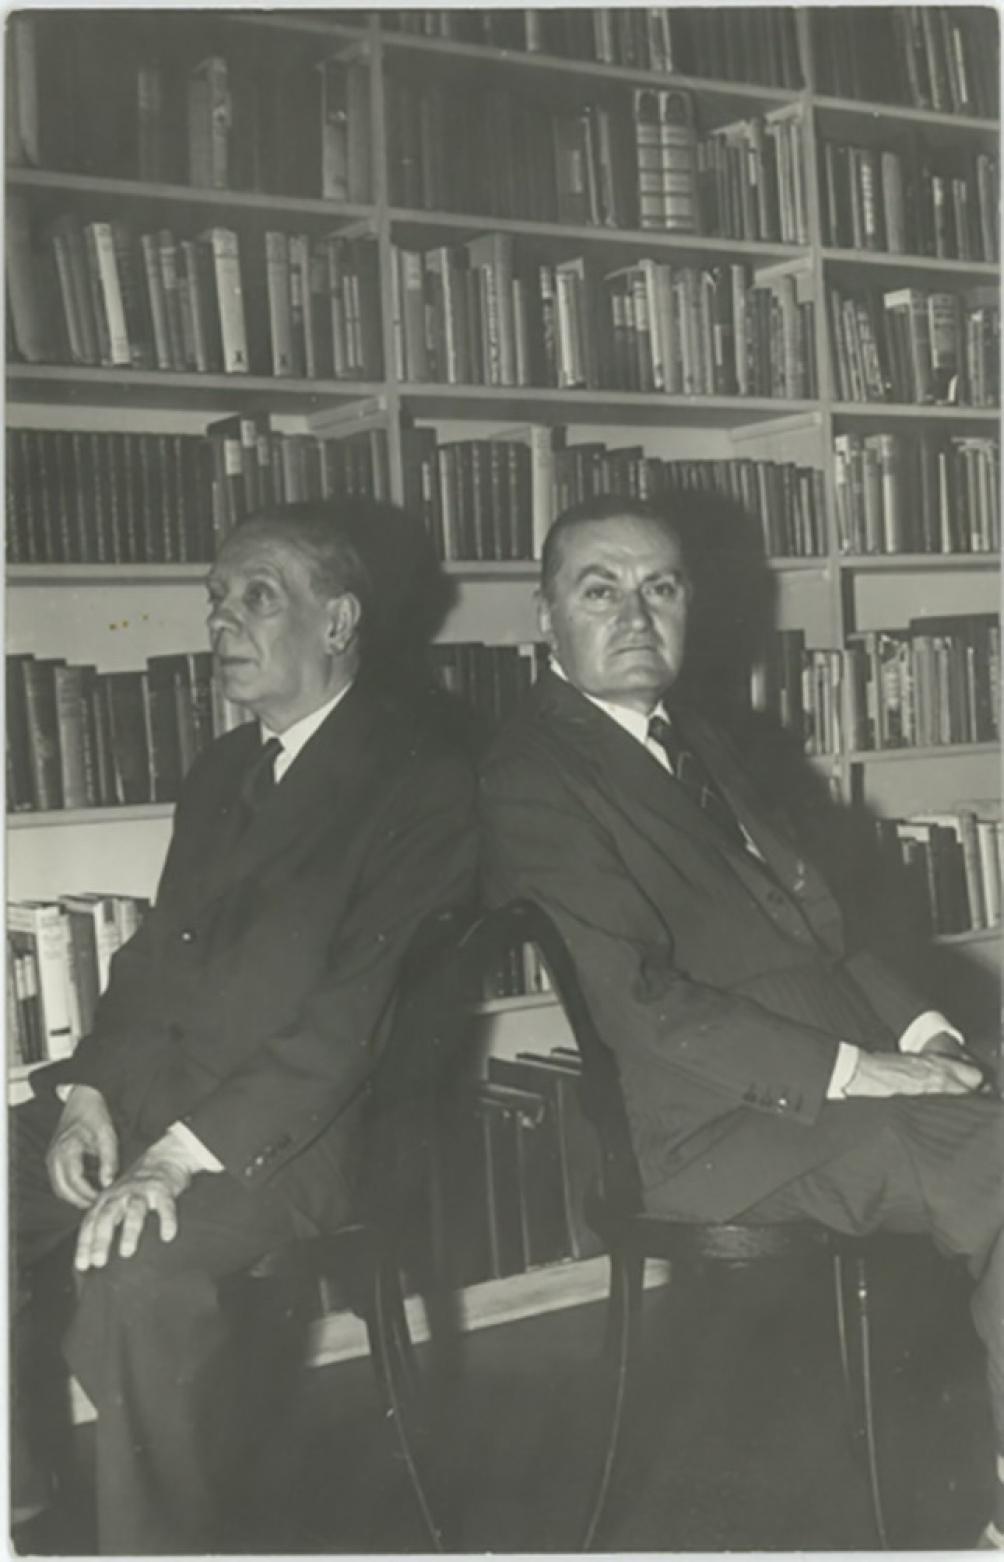 Peyrou fue descendiente de una estirpe similar a la de Borges, uno de sus mejores amigos.